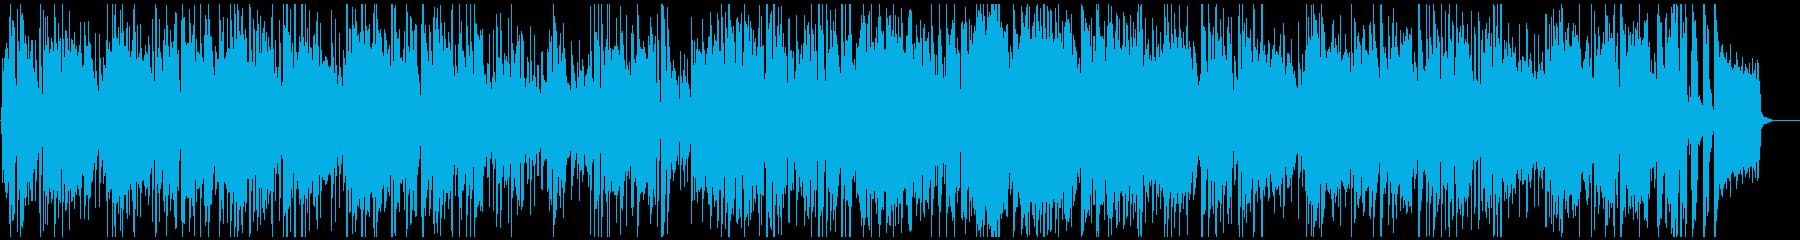 ジャズファンク◆楽しい、明るい、ノリノリの再生済みの波形